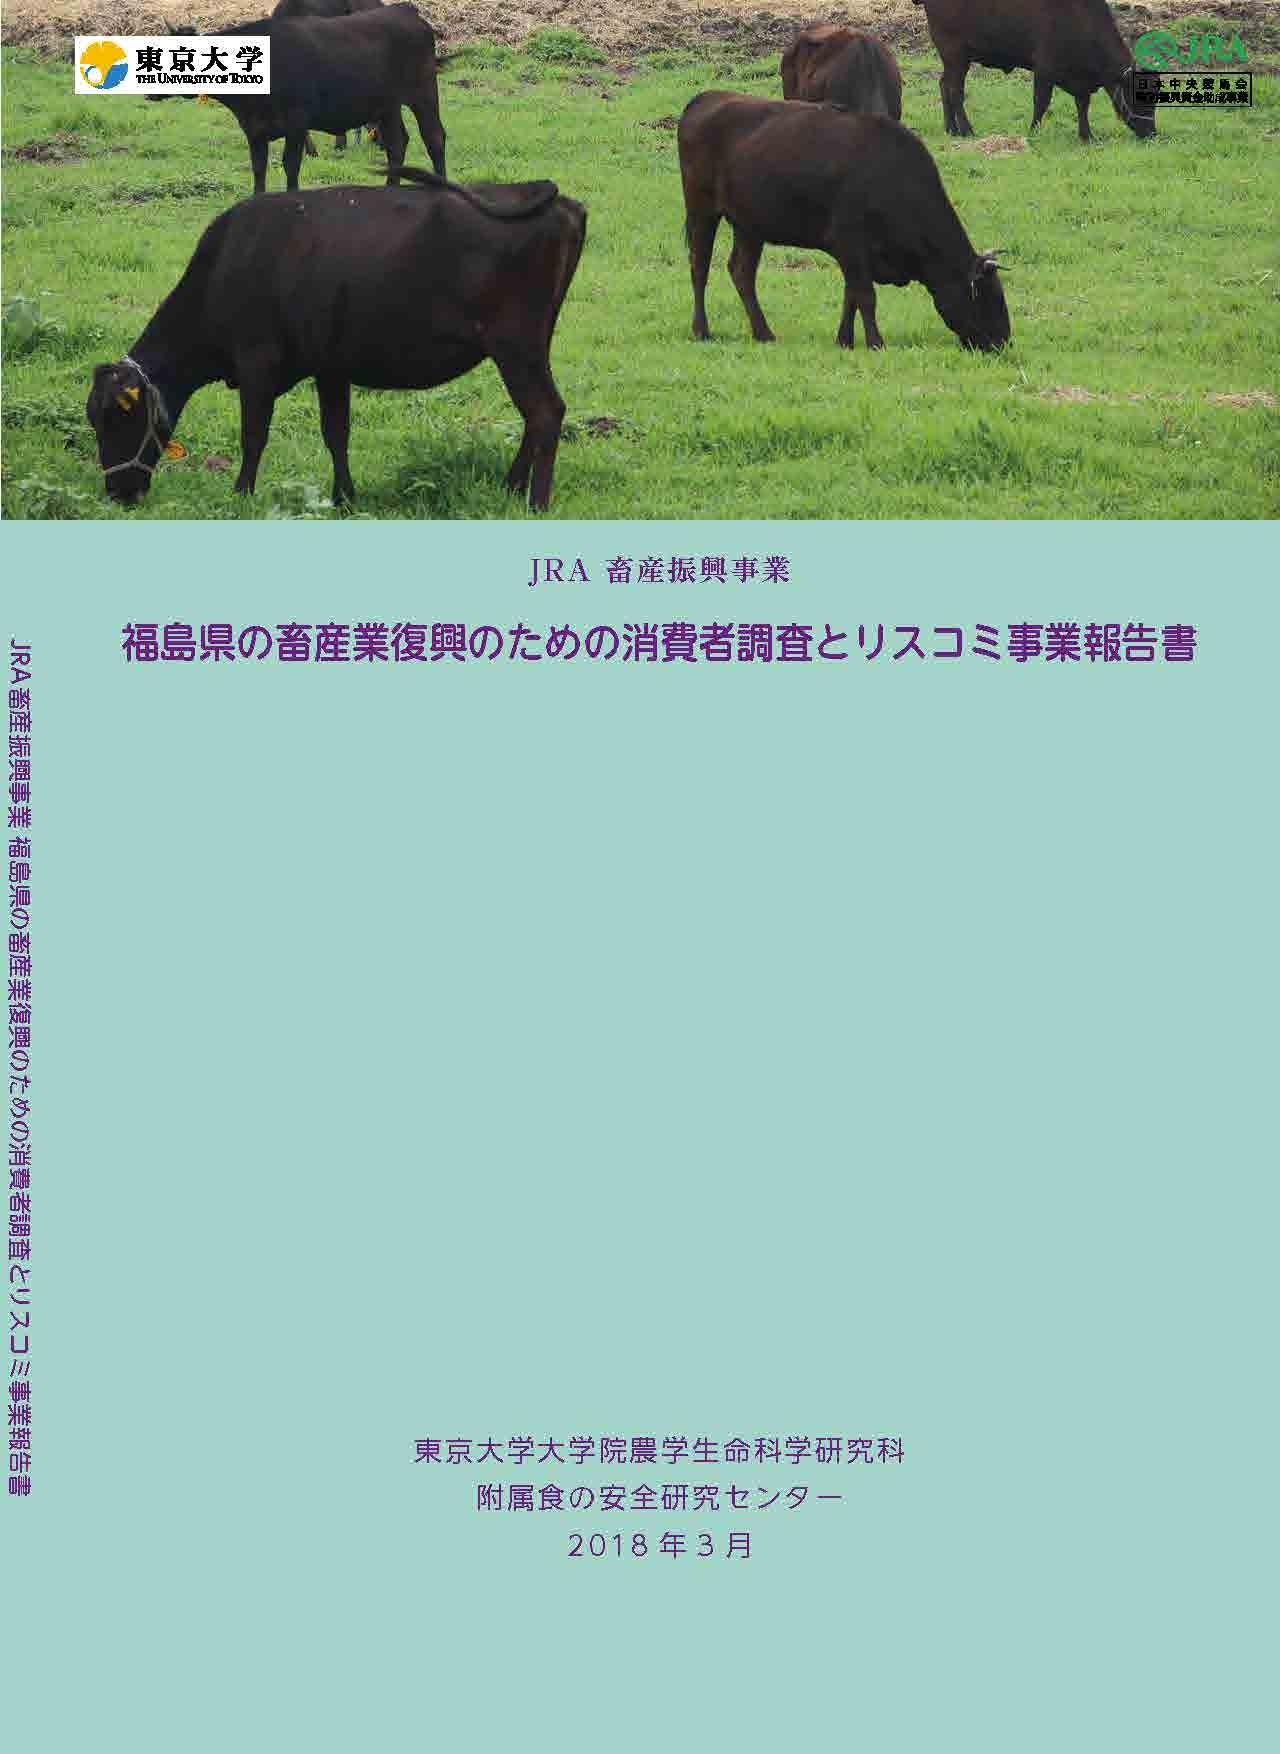 平成29年度報告書 福島県の畜産業復興のための消費者調査とリスコミ事業